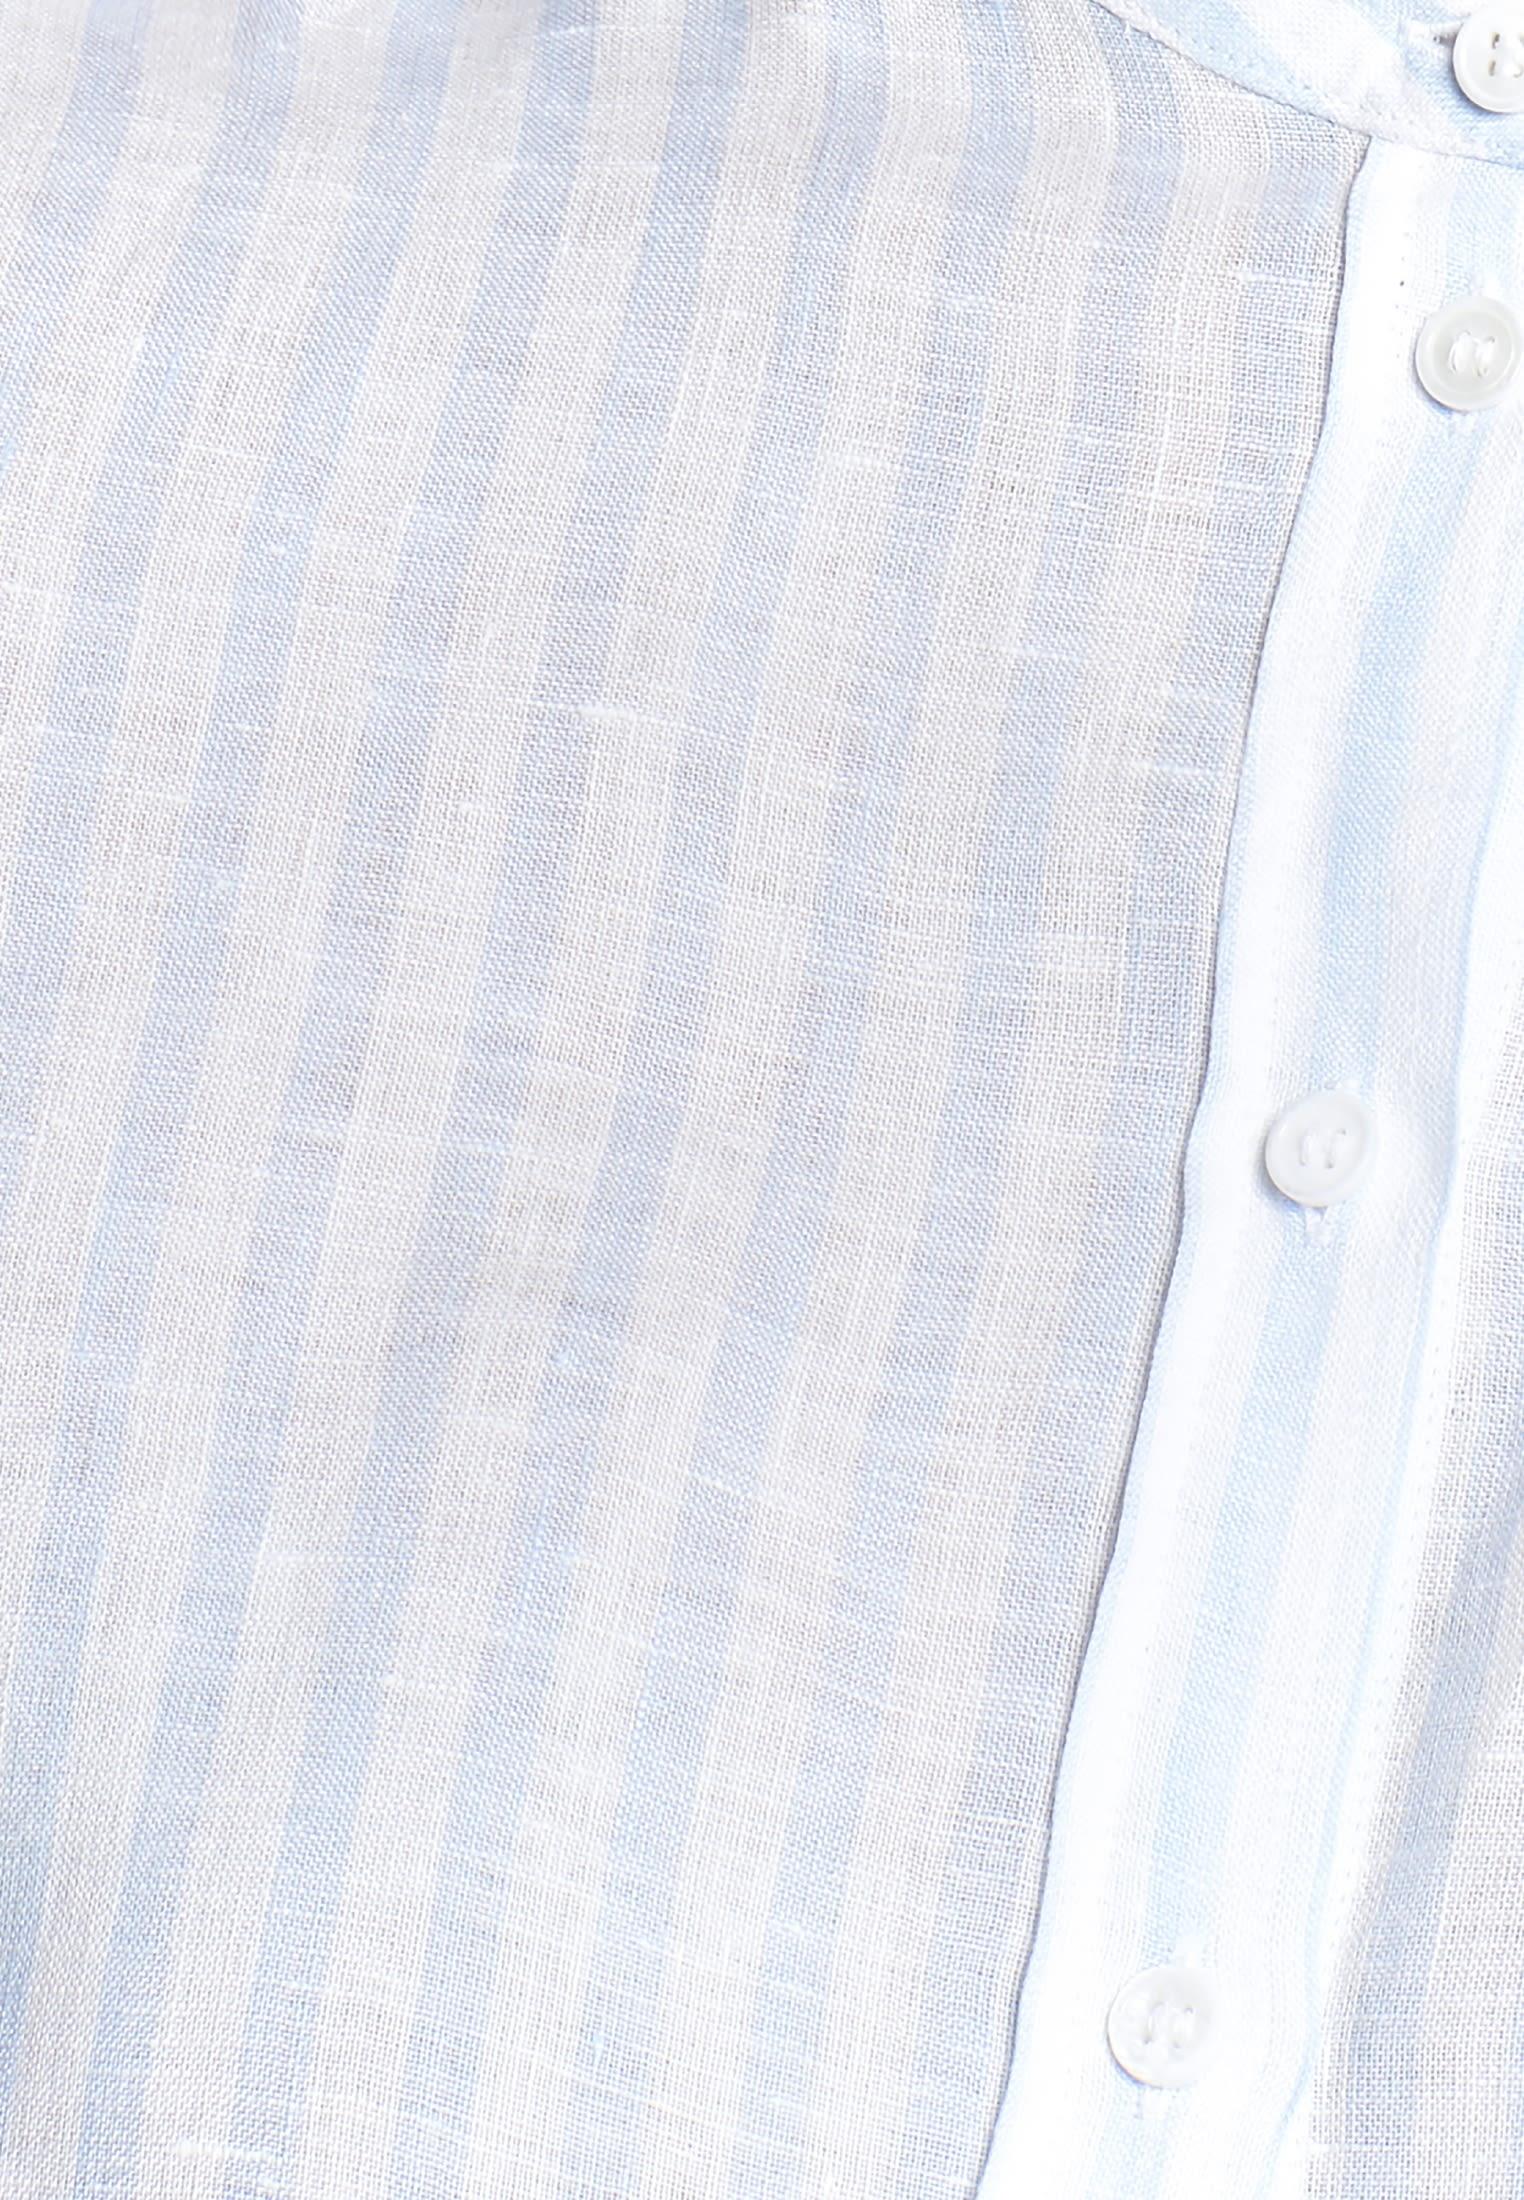 Linen Stand-Up Blouse made of 100% Leinen/Flachs in blau |  Seidensticker Onlineshop